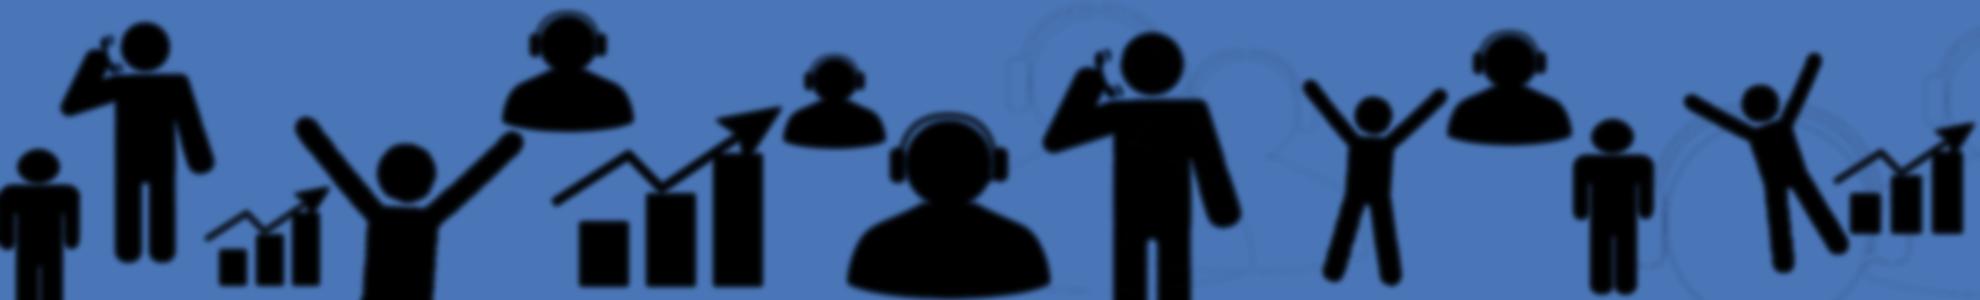 Annoncesalg | Outsourc' jeres annoncesalg og opnå synlig effekt